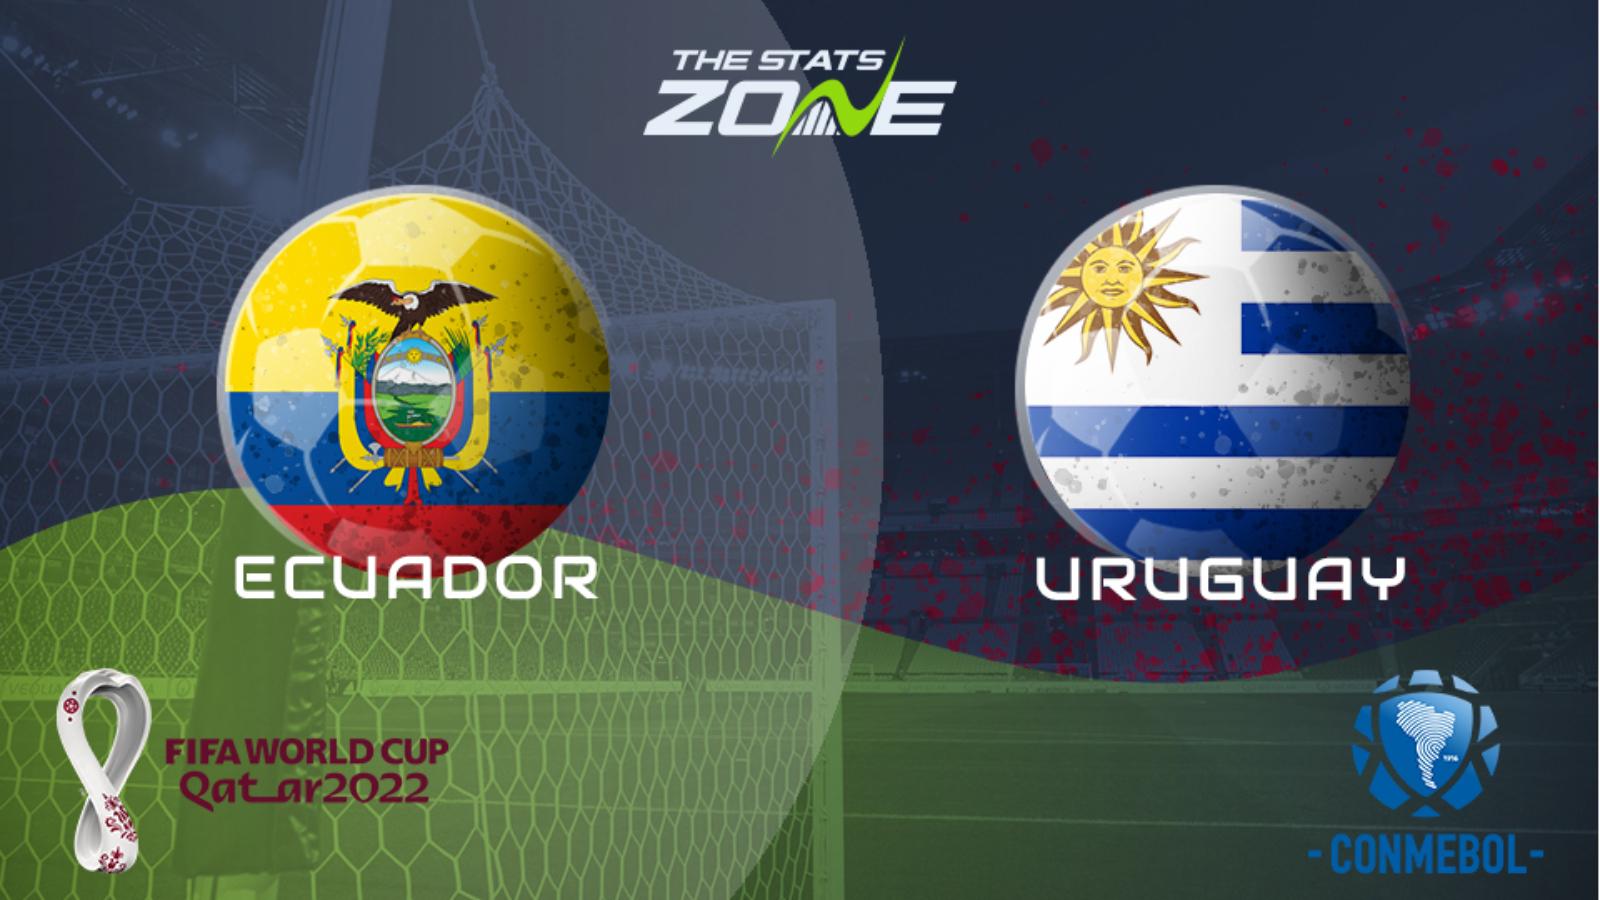 ecuador vs uruguay betting tips